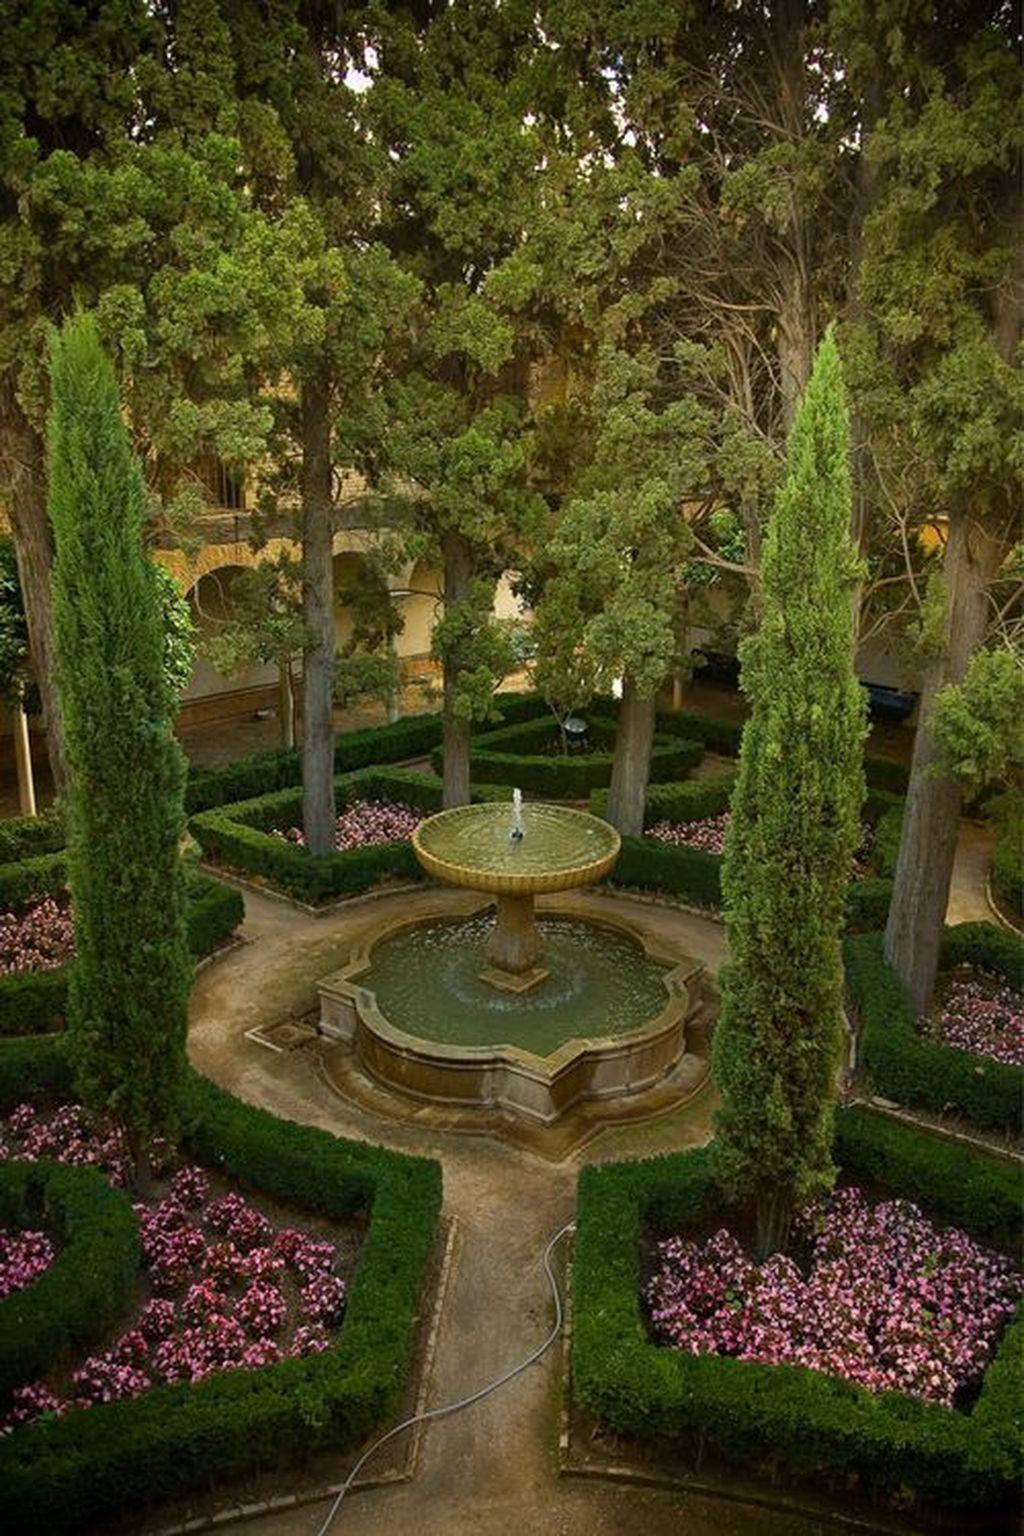 32 Affordable Small Front Garden Design Ideas With Fountain To Try Rose Garden Design Small Front Gardens Garden Design